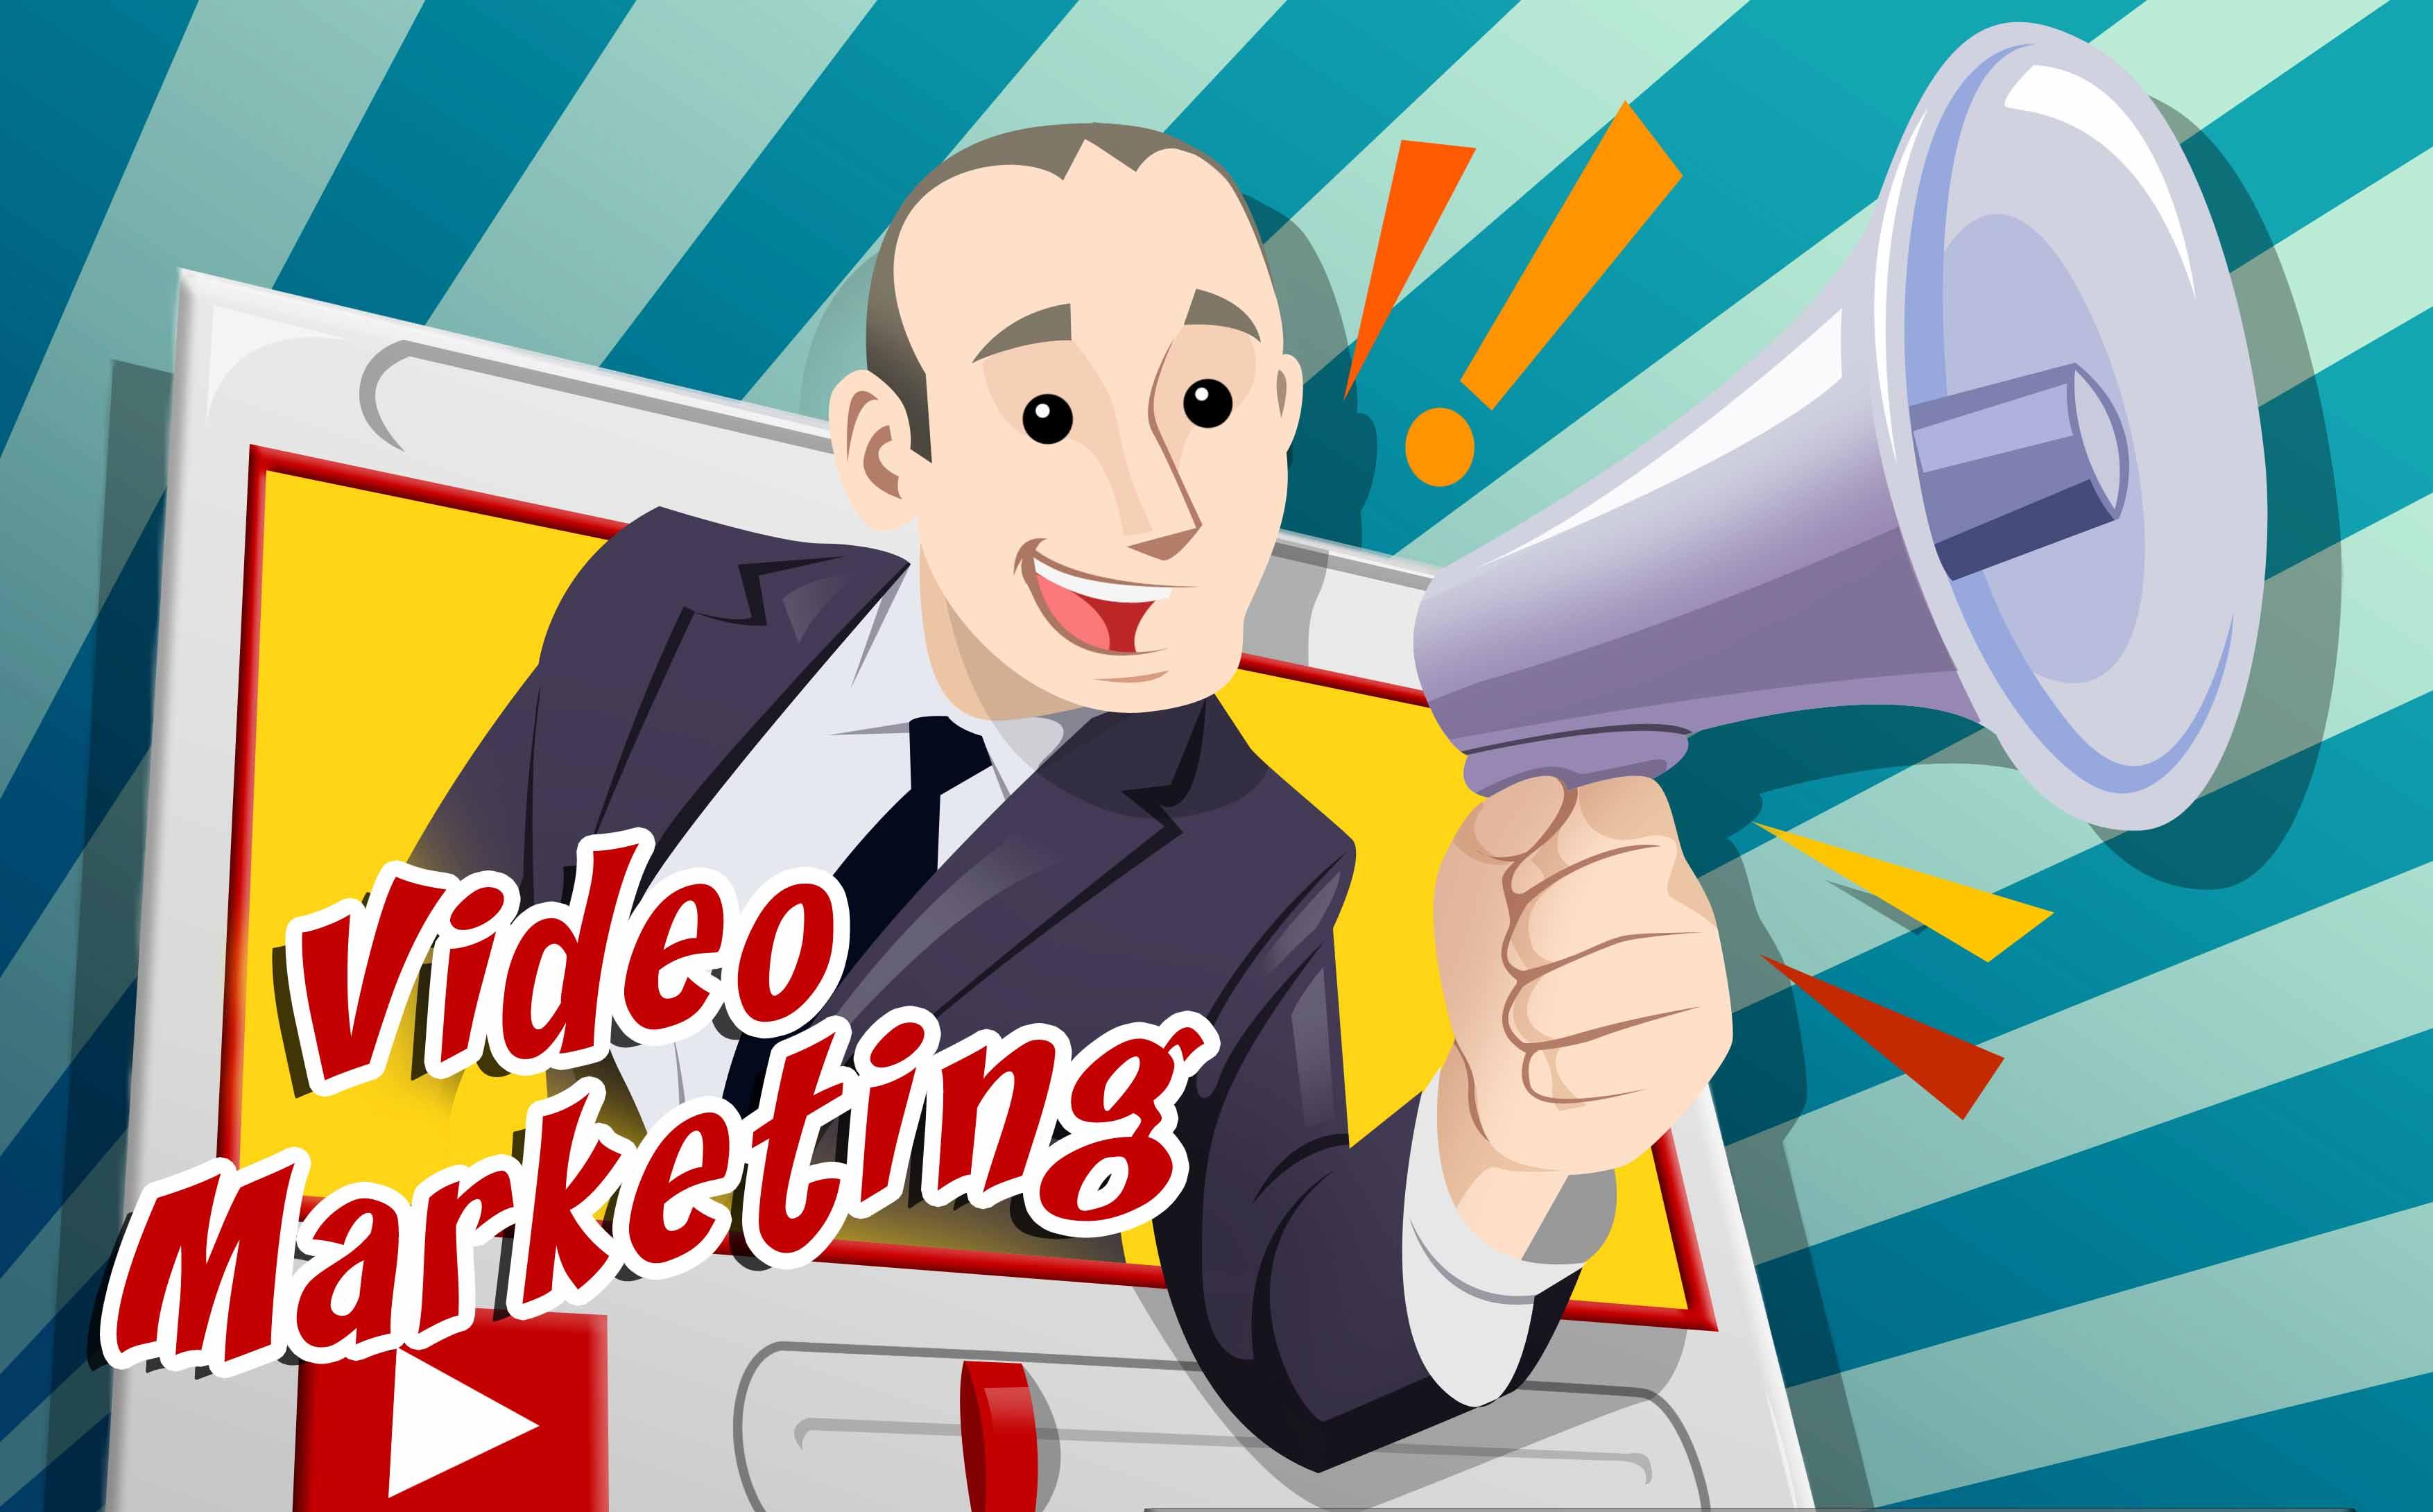 Video Marketing giúp doan nghiệp tiết kiệm chi phí